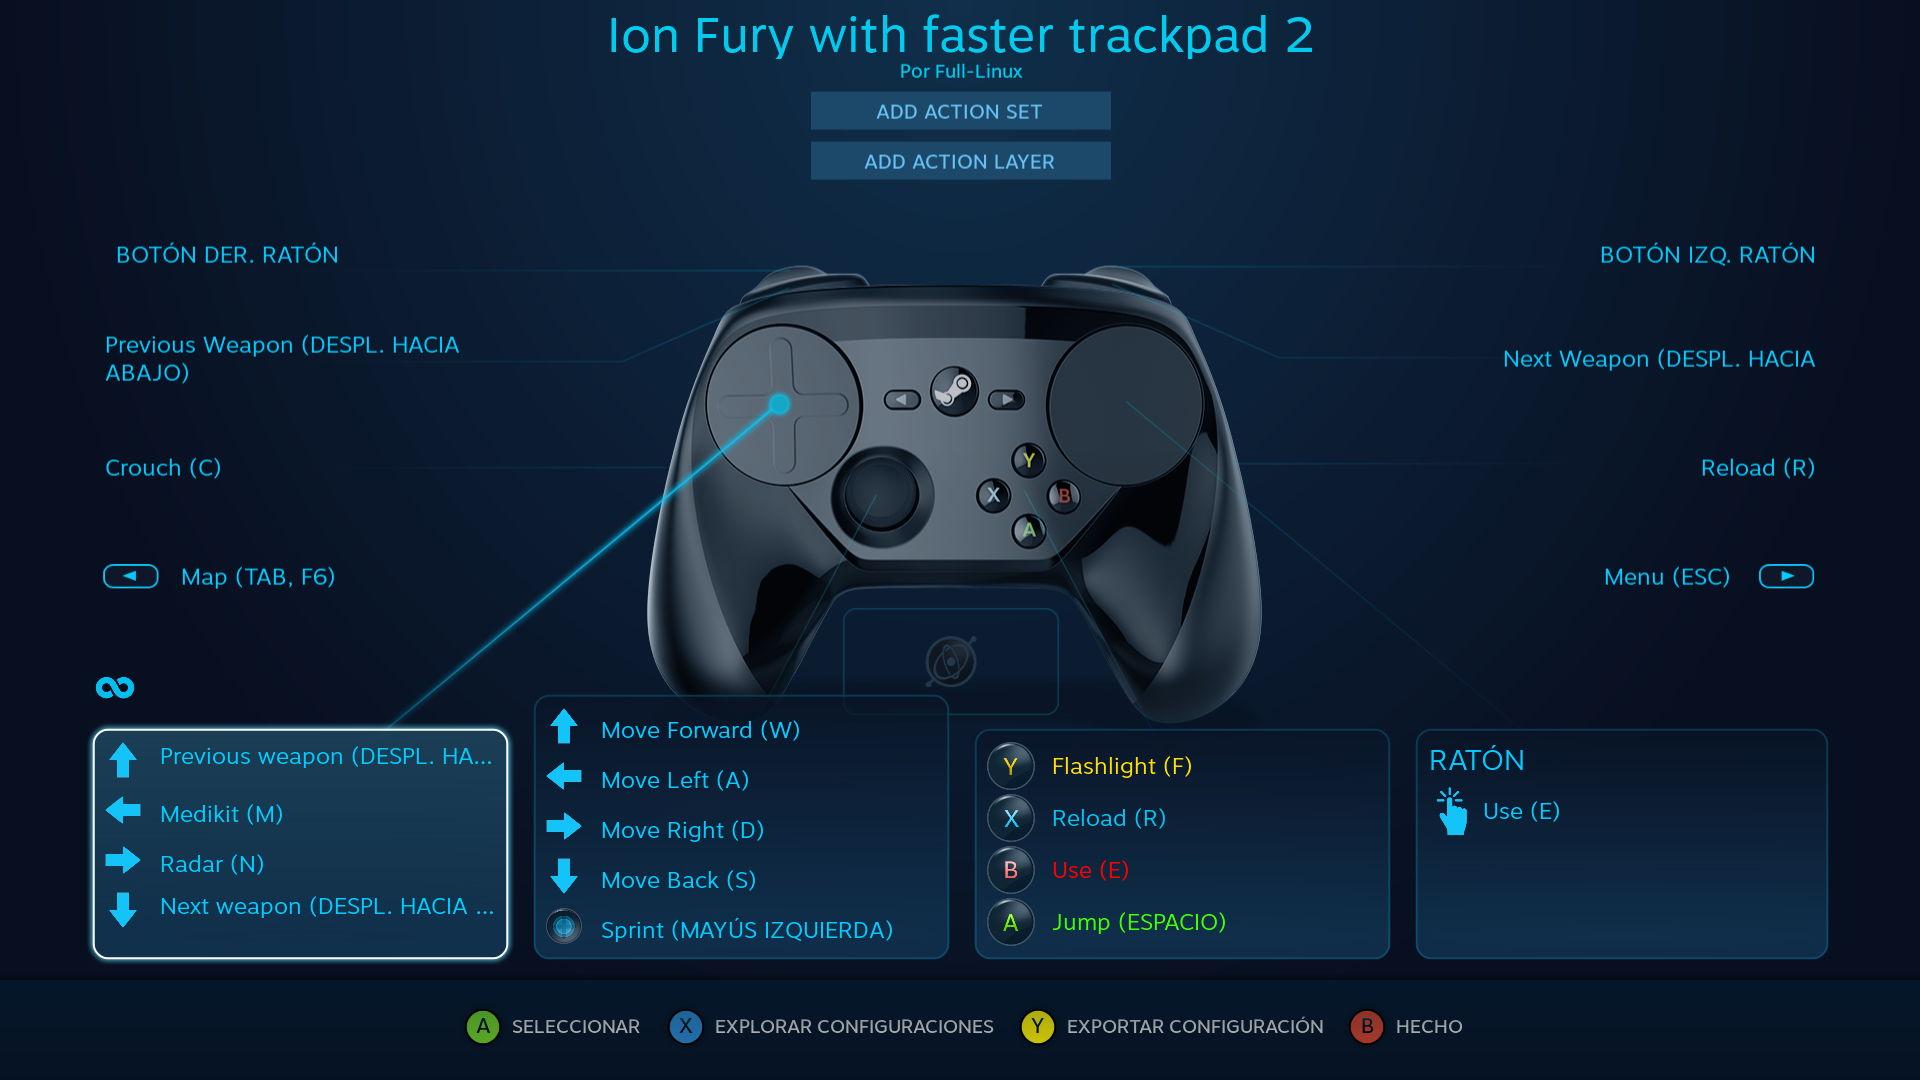 Configuración personal del Steam Controller para Ion Fury para soportar los radares y los kits medicos